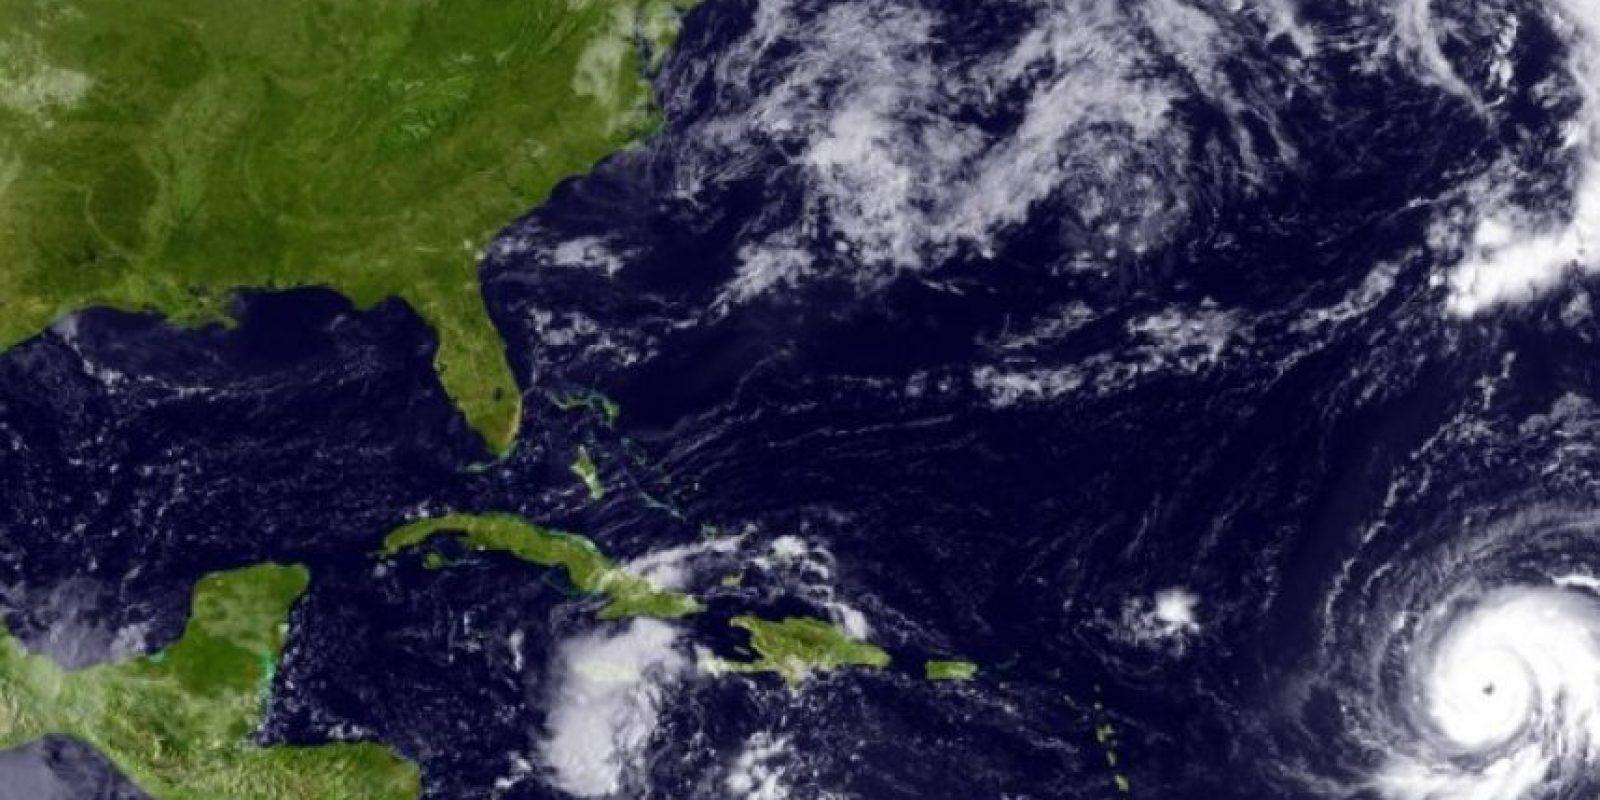 En septiembre de 2010, Igor fue considerado uno de los más grandes huracanes en cuanto a tamaño de su centro con mil 480 kilómetros de diámetro Foto:Getty Images